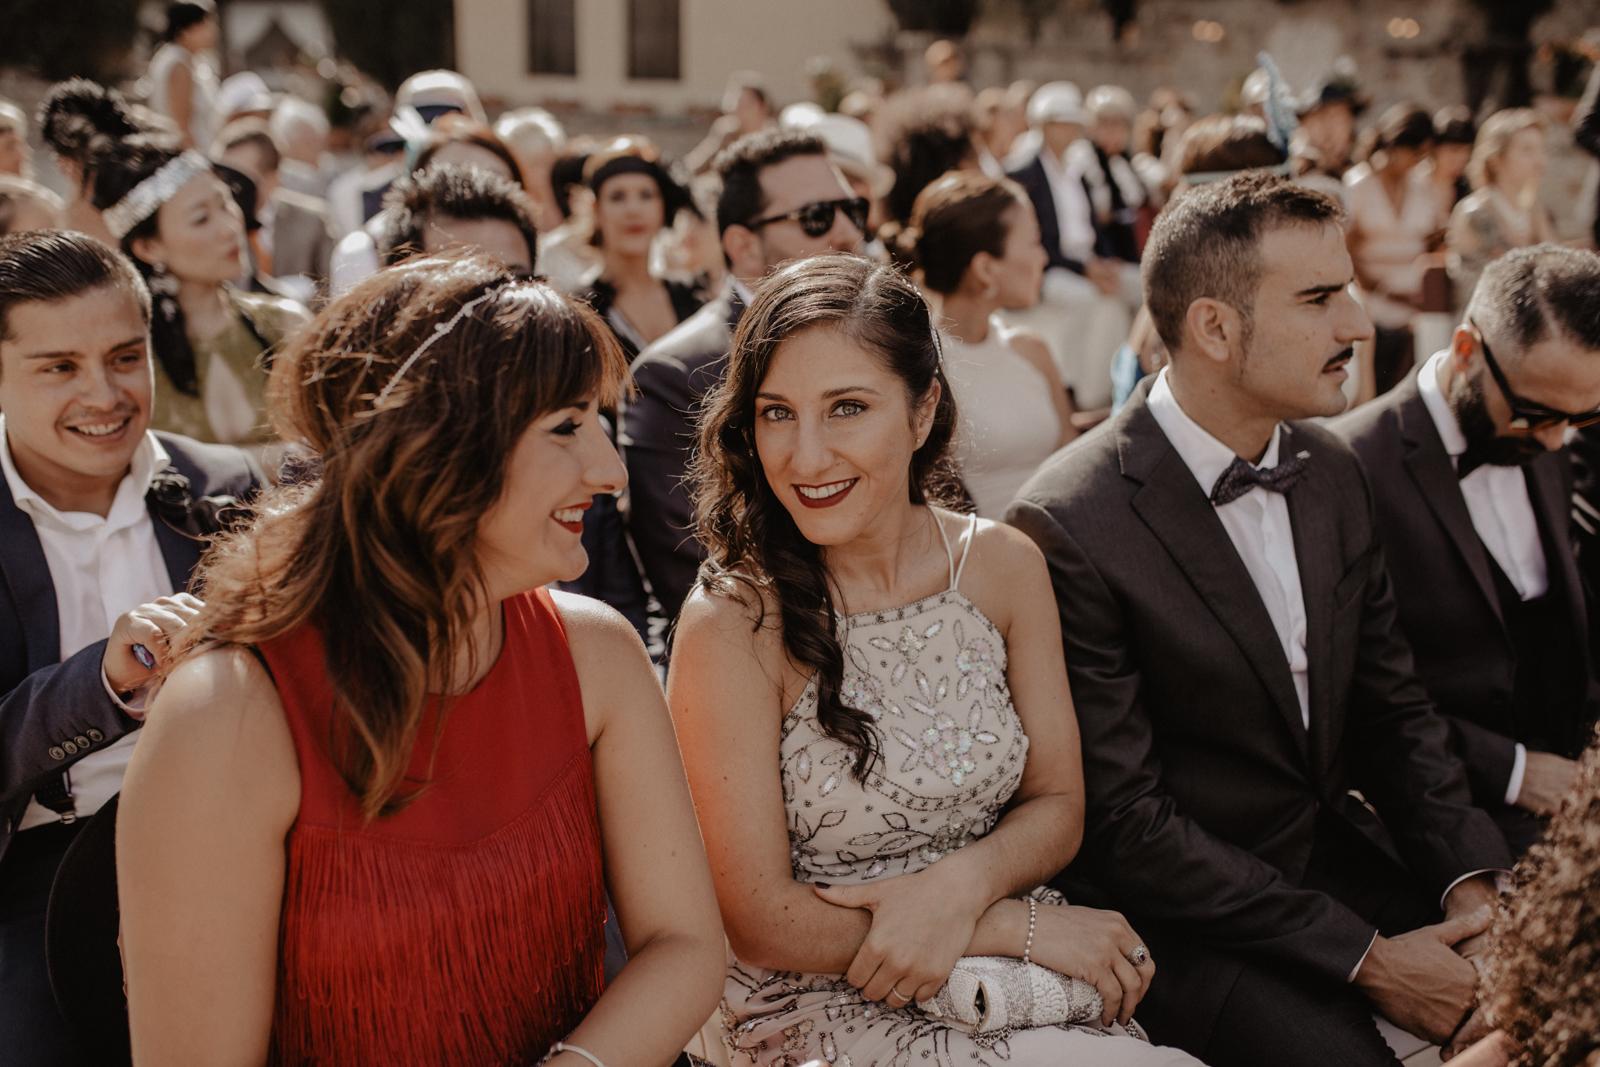 thenortherngirlphotography_photography_thenortherngirl_rebeccascabros_wedding_weddingphotography_weddingphotographer_barcelona_bodaenlabaronia_labaronia_japanesewedding_destinationwedding_shokoalbert-340.jpg